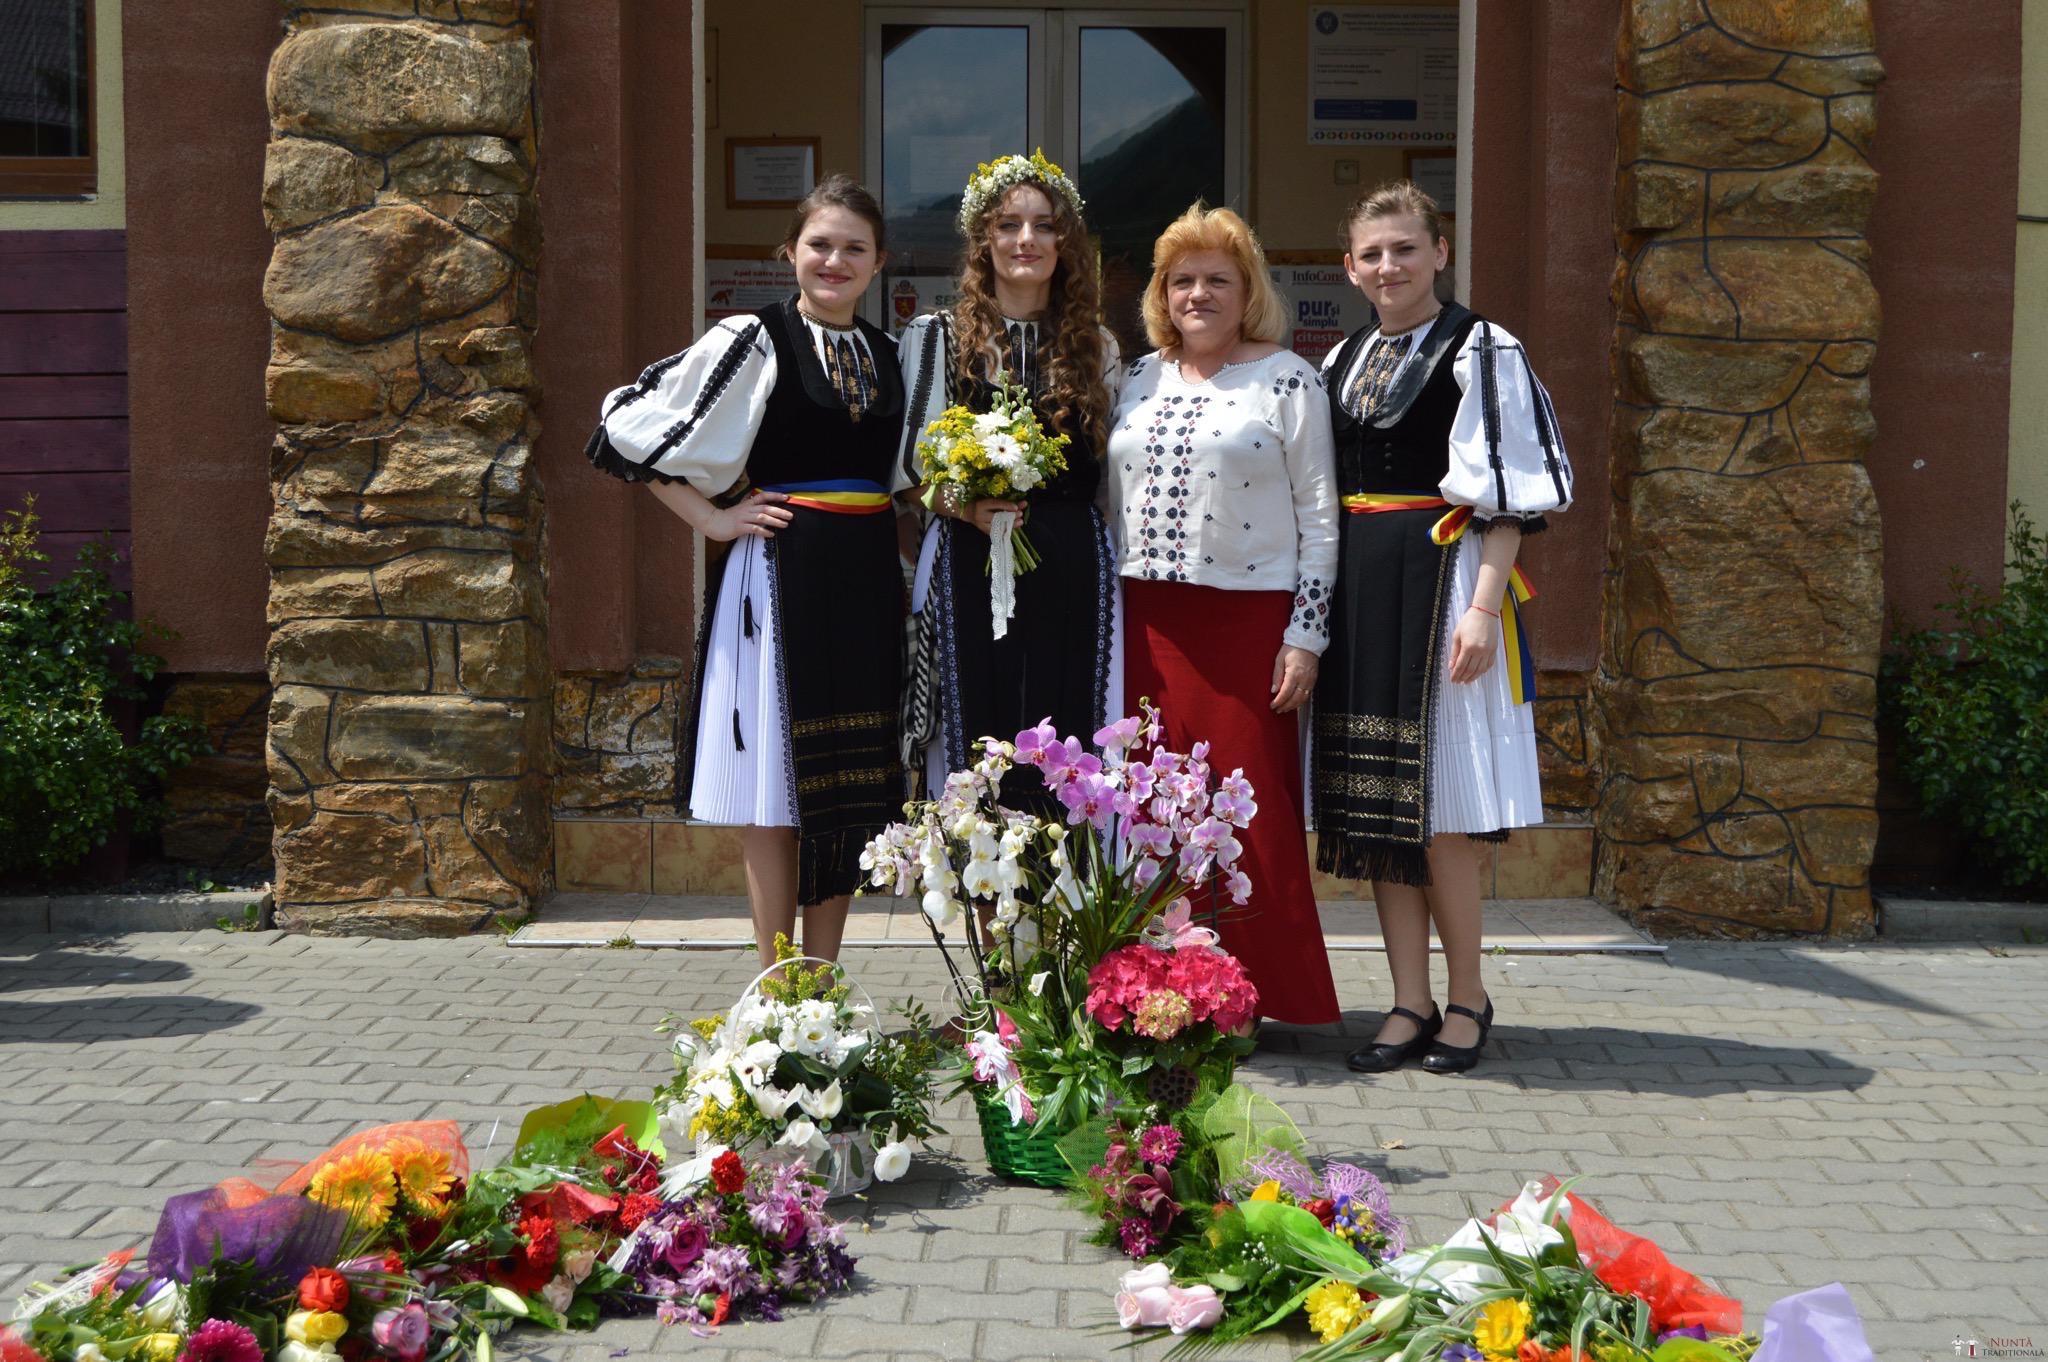 Povești Nunți Tradiționale - Constantin și Simona-Marilena. Nuntă tradițională în Căpâlna, Alba 25